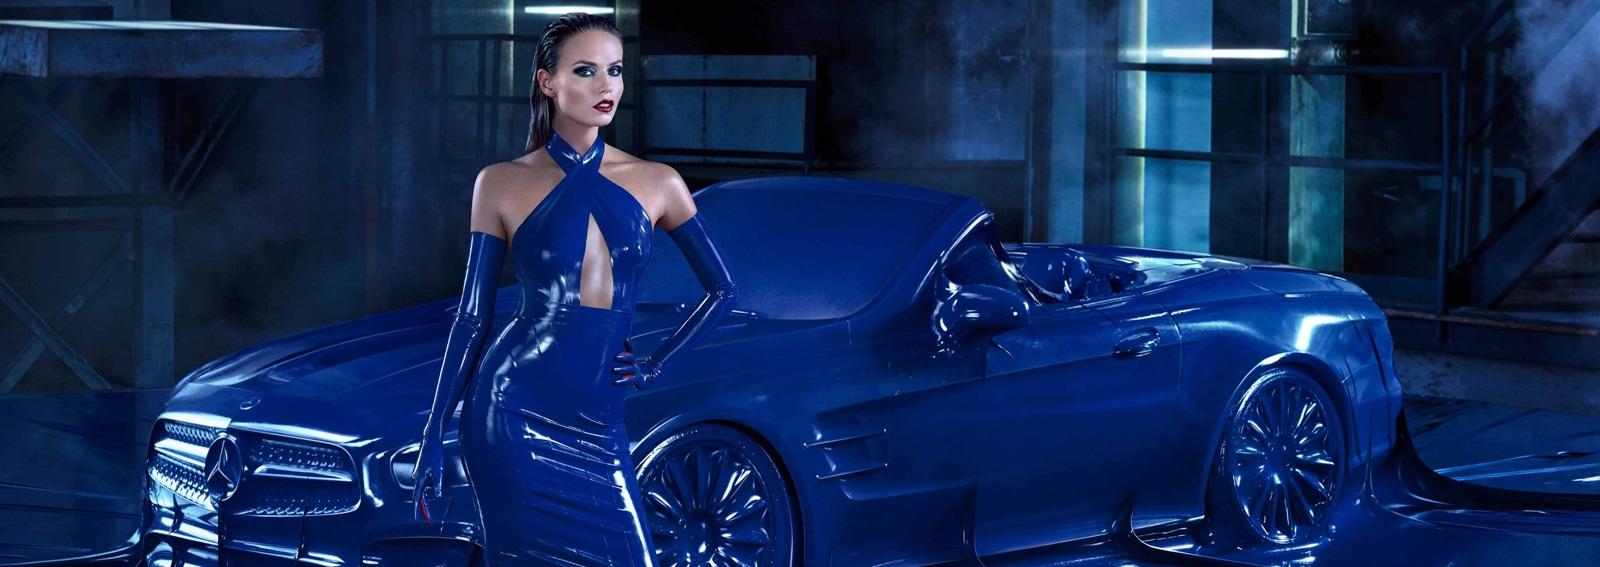 Mercedes-Benz-Fashion-Campaign-Autunno-Inverno-2016-(2)